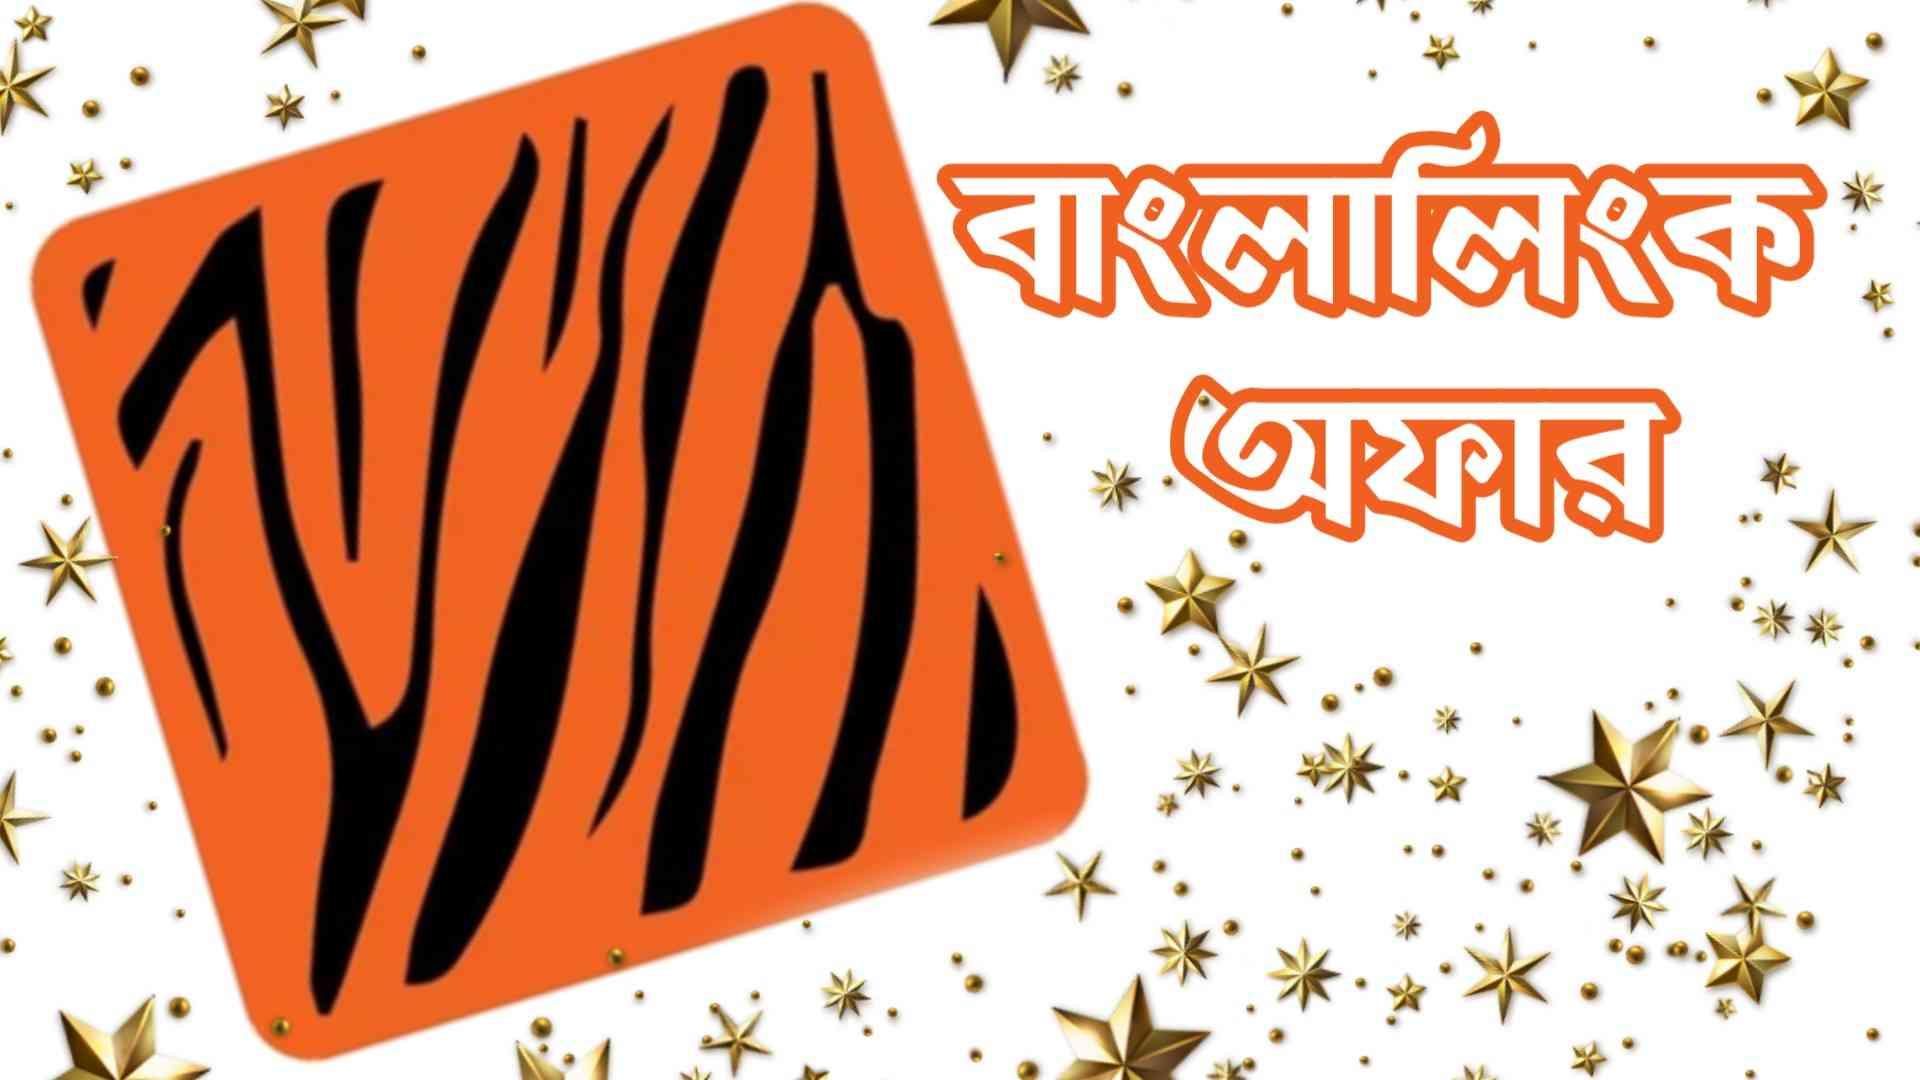 বাংলালিংক এমবি অফার ২০২১, বাংলালিংক ফ্রি নেট, বাংলালিংক সিম অফার,